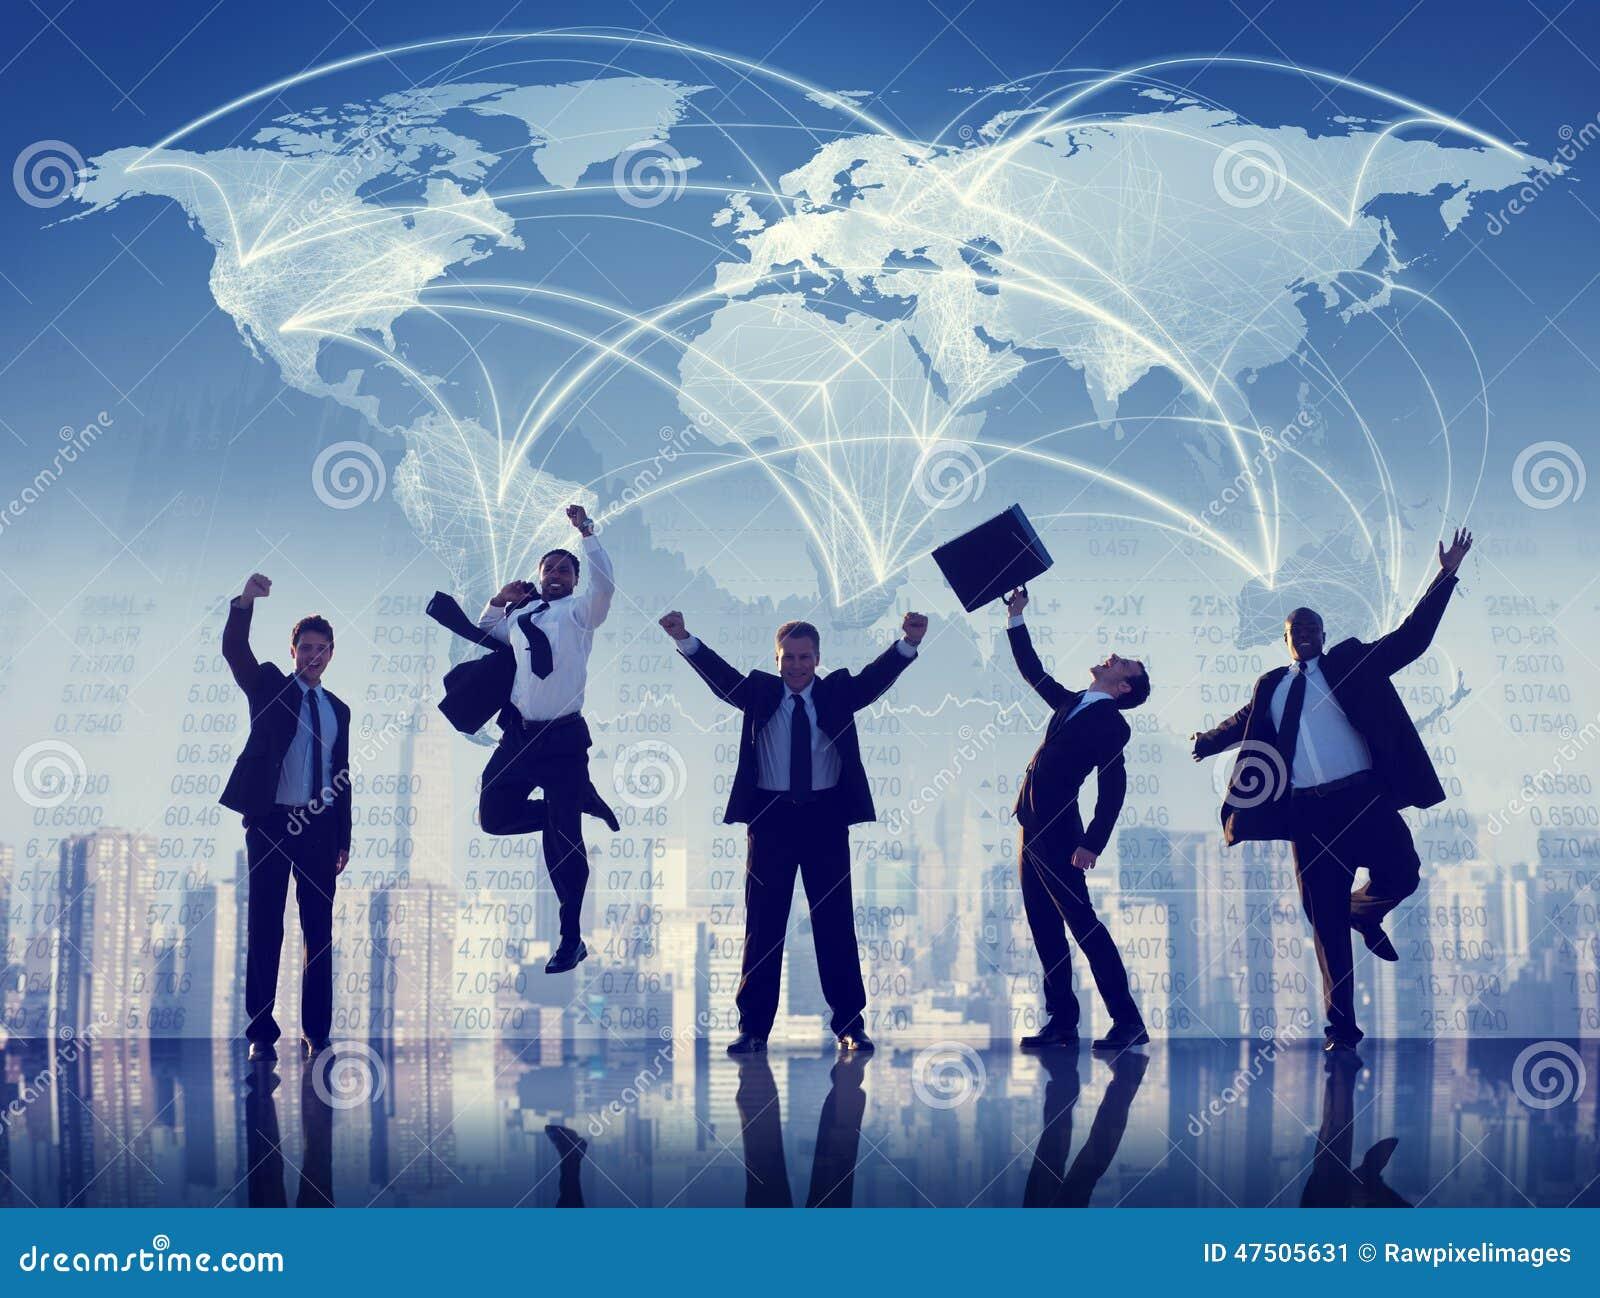 Επαγγελματική έννοια ομαδικής εργασίας ομάδας συνεργασίας επιχειρηματιών